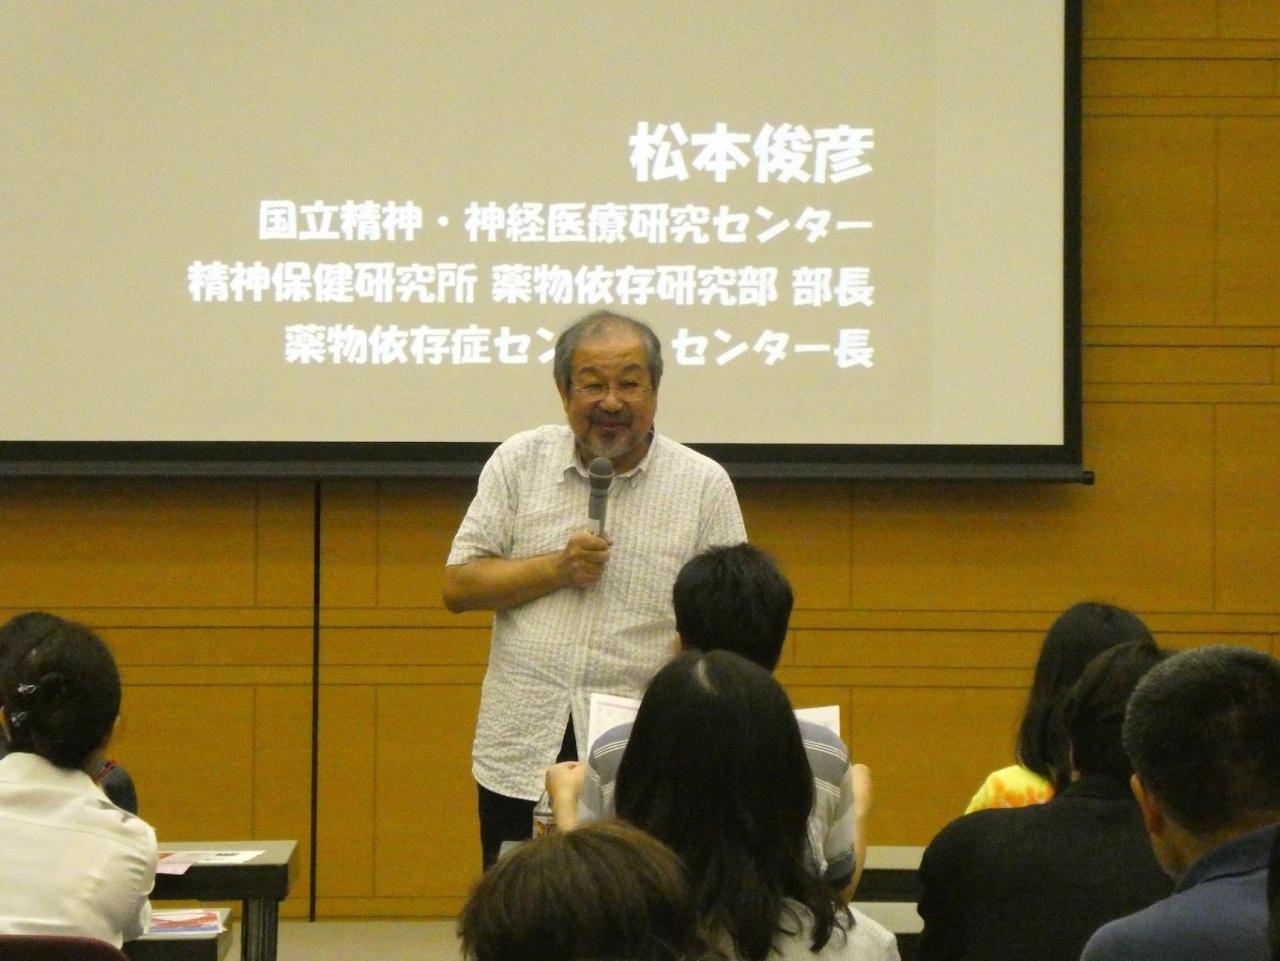 石塚伸一教授(本学法学部、犯罪学研究センター長、ATA-net代表)